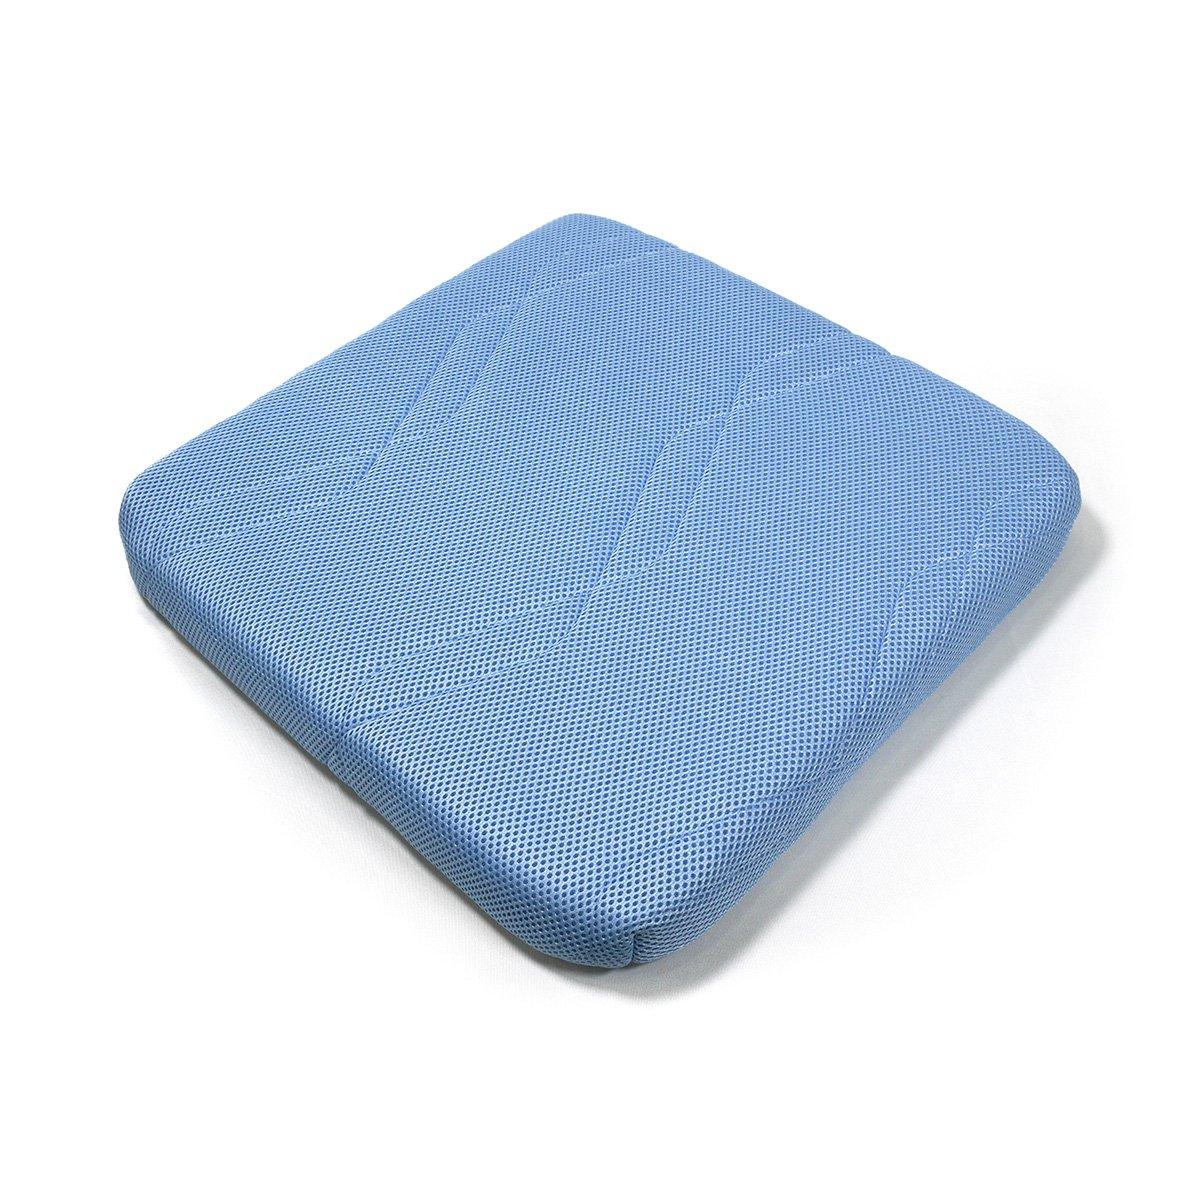 90%が空気で出来ている【エアネスト/シートクッション】高反発 3次元構造 腰楽 蒸れない快適な座り心地 通気性 洗える 専用カバー付き 5cm厚 サックスブルー